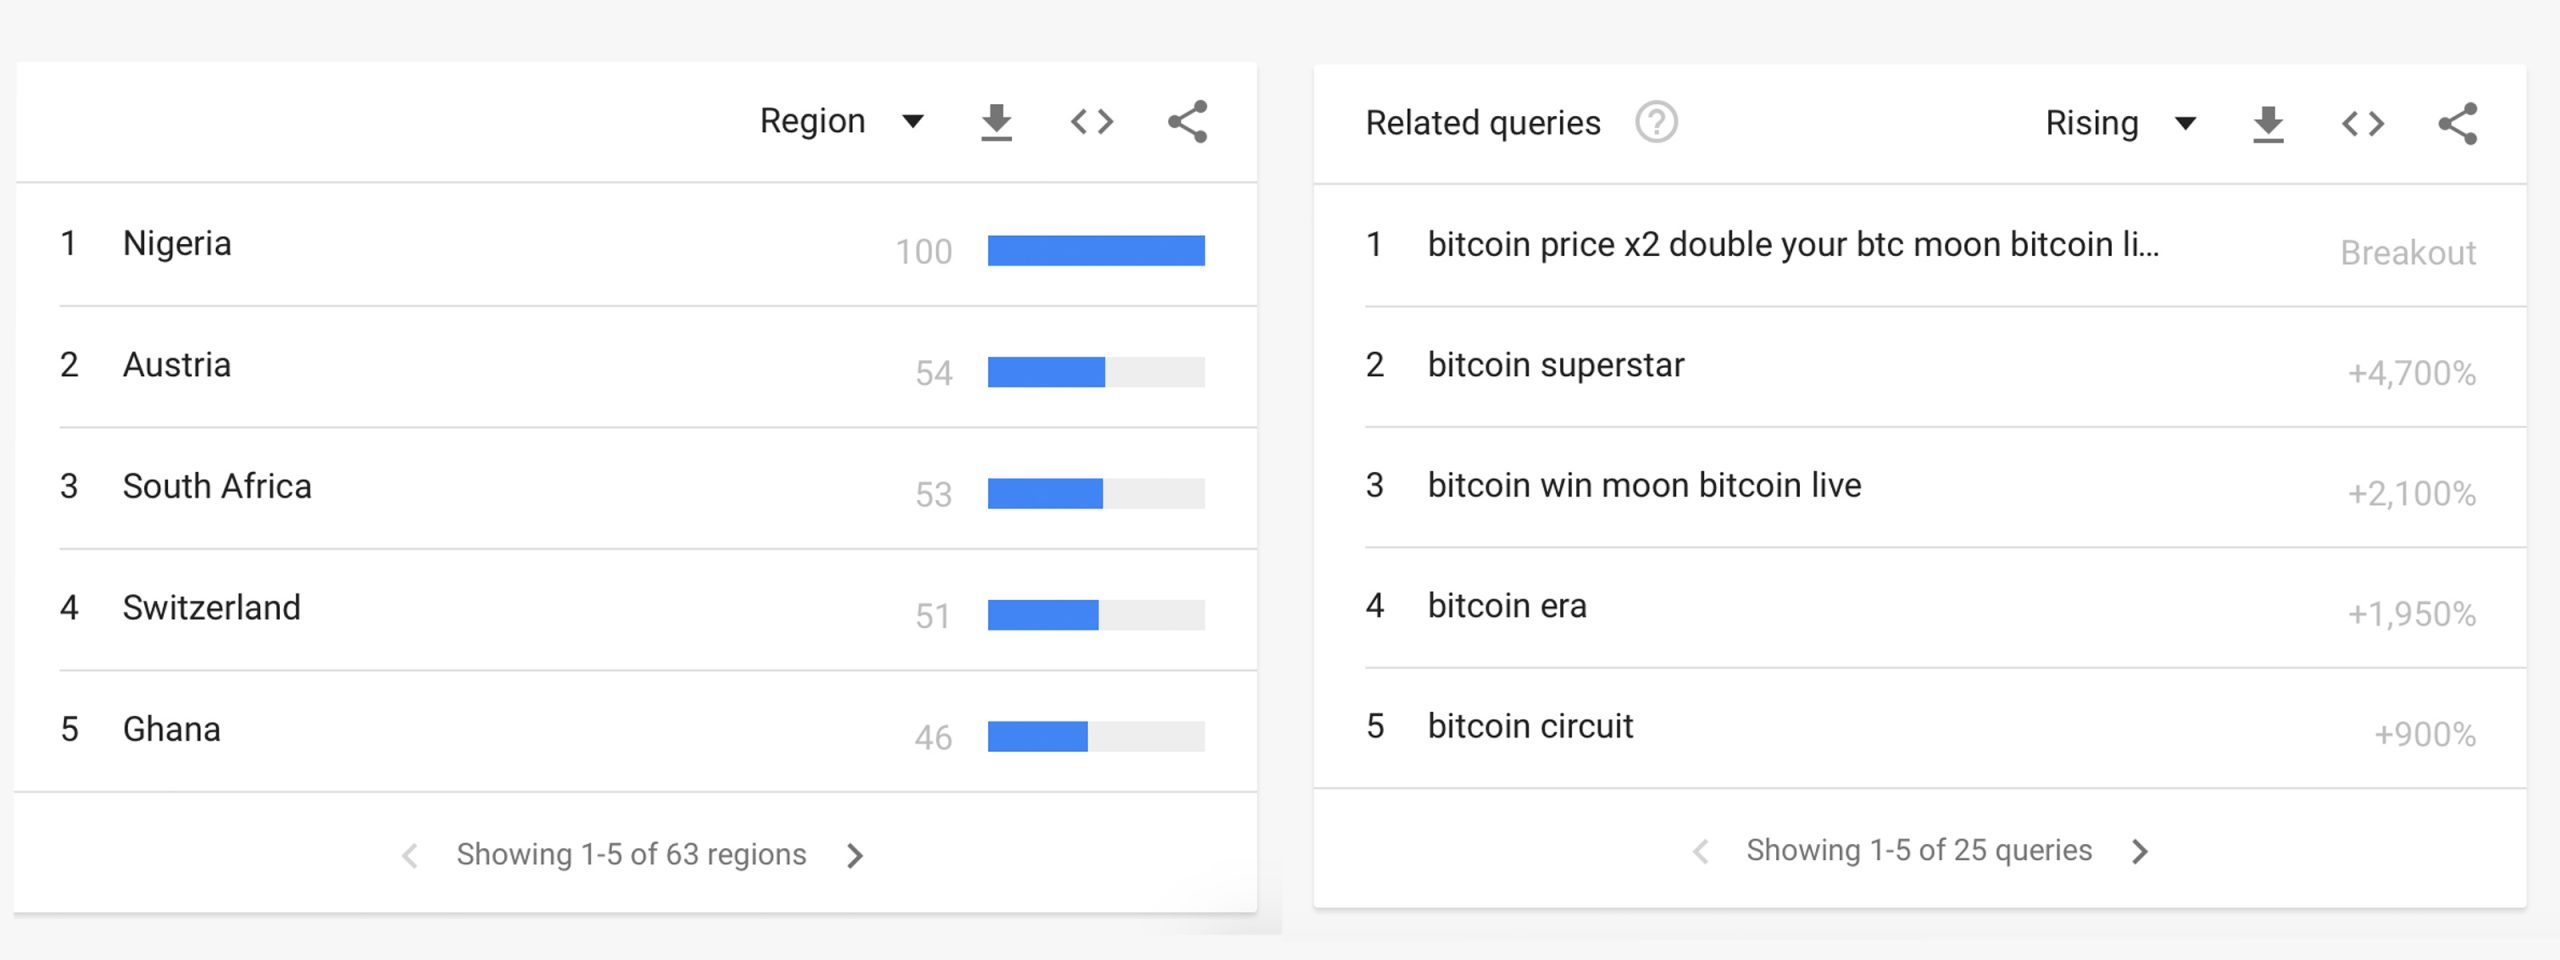 """'Qué hizo Bitcoin': escaneo de las palabras clave de criptomonedas más populares y búsquedas de Google """"width ="""" 2560 """"height ="""" 960 """"srcset ="""" https://news.bitcoin.com/wp-content/ uploads / 2020/03 / regionq-scaled.jpg 2560w, https://news.bitcoin.com/wp-content/uploads/2020/03/regionq-300x113.jpg 300w, https://news.bitcoin.com/ wp-content / uploads / 2020/03 / regionq-1024x384.jpg 1024w, https://news.bitcoin.com/wp-content/uploads/2020/03/regionq-768x288.jpg 768w, https: // noticias. bitcoin.com/wp-content/uploads/2020/03/regionq-1536x576.jpg 1536w, https://news.bitcoin.com/wp-content/uploads/2020/03/regionq-2048x768.jpg 2048w, https: //news.bitcoin.com/wp-content/uploads/2020/03/regionq-696x261.jpg 696w, https://news.bitcoin.com/wp-content/uploads/2020/03/regionq-1392x52 2.jpg 1392w, https://news.bitcoin.com/wp-content/uploads/2020/03/regionq-1068x401.jpg 1068w, https://news.bitcoin.com/wp-content/uploads/2020/ 03 / regionq-1120x420.jpg 1120w, https://news.bitcoin.com/wp-content/uploads/2020/03/regionq-1920x720.jpg 1920w """"tamaños ="""" (ancho máximo: 2560px) 100vw, 2560px [19659010] Un tema común utilizado por los estafadores es bombear artificialmente las """"consultas relacionadas"""" que están relacionadas con estafas como """"superestrella de bitcoin"""", """"era de bitcoin"""" y """"luna de bitcoin"""". Estas consultas relacionadas son las principales palabras clave de """"ruptura"""" a diario y es probable que sean invocadas por aquellos que buscan capitalizar las búsquedas del navegador de las personas. </figcaption></figure> <p> Las palabras clave buscadas más populares ligadas al término """"bitcoin"""" incluyen """"precio de bitcoin"""". """"Minería de bitcoin"""", """"qué es bitcoin"""", """"valor de bitcoin"""", """"bitcoins"""", """"comprar bitcoin"""", """"bitcoin usd"""", """"intercambio de bitcoin"""" y """"billetera bitcoin"""". Las estadísticas mundiales muestran que los cinco principales países con el mayor interés de bitcoin según las calificaciones de GT son Nigeria, Austria, Sudáfrica, Suiza y Ghana. </p> <p><img class="""